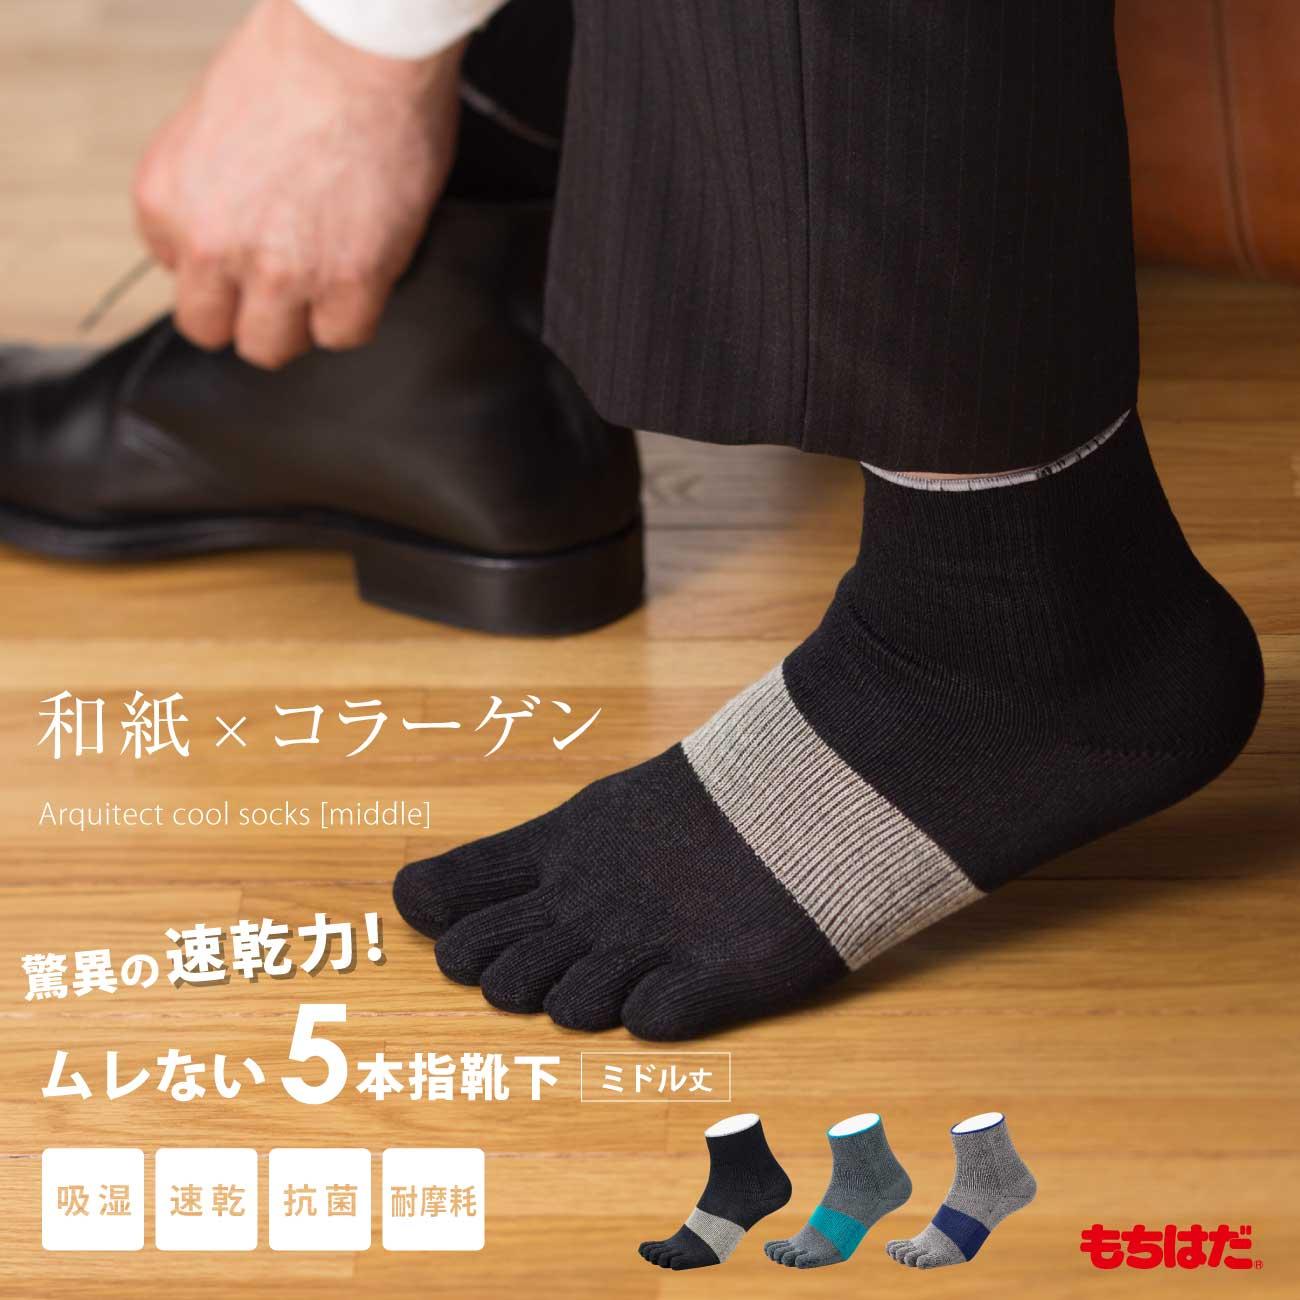 驚異の速乾力!蒸れない5本指靴下 アルキテクト クール ミドル丈